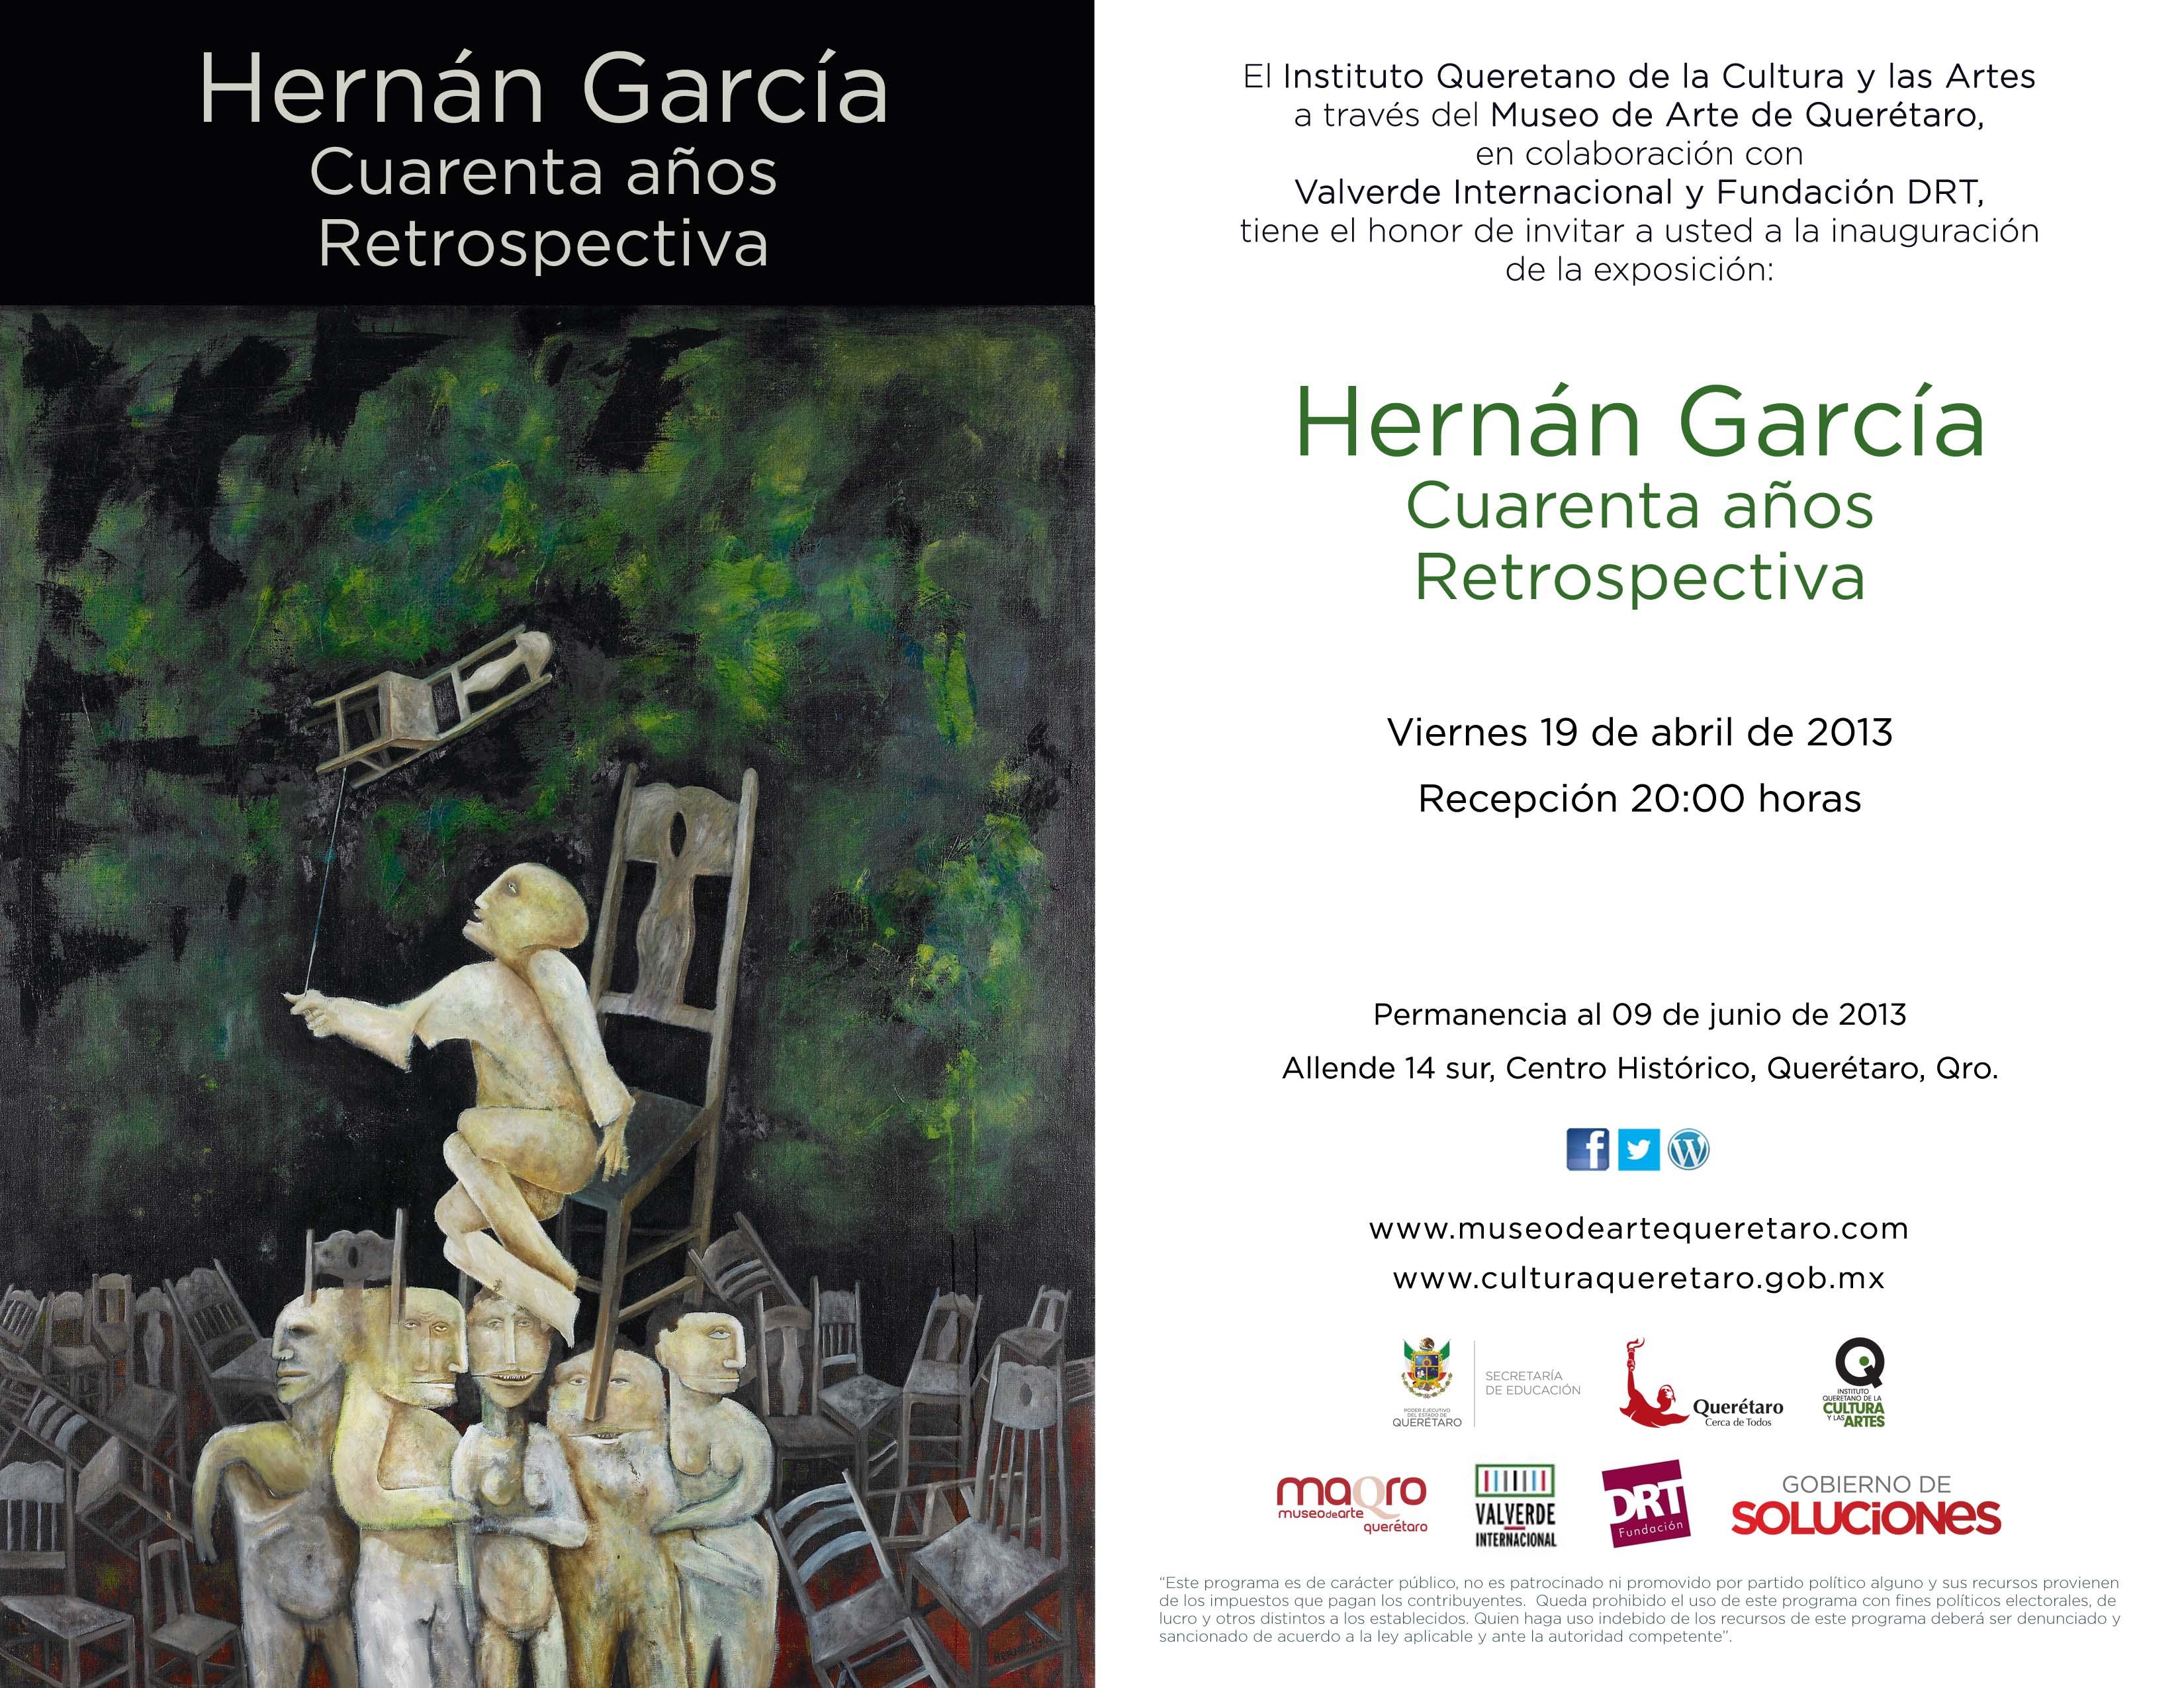 Hernan Garcia – 40 años retrospectiva